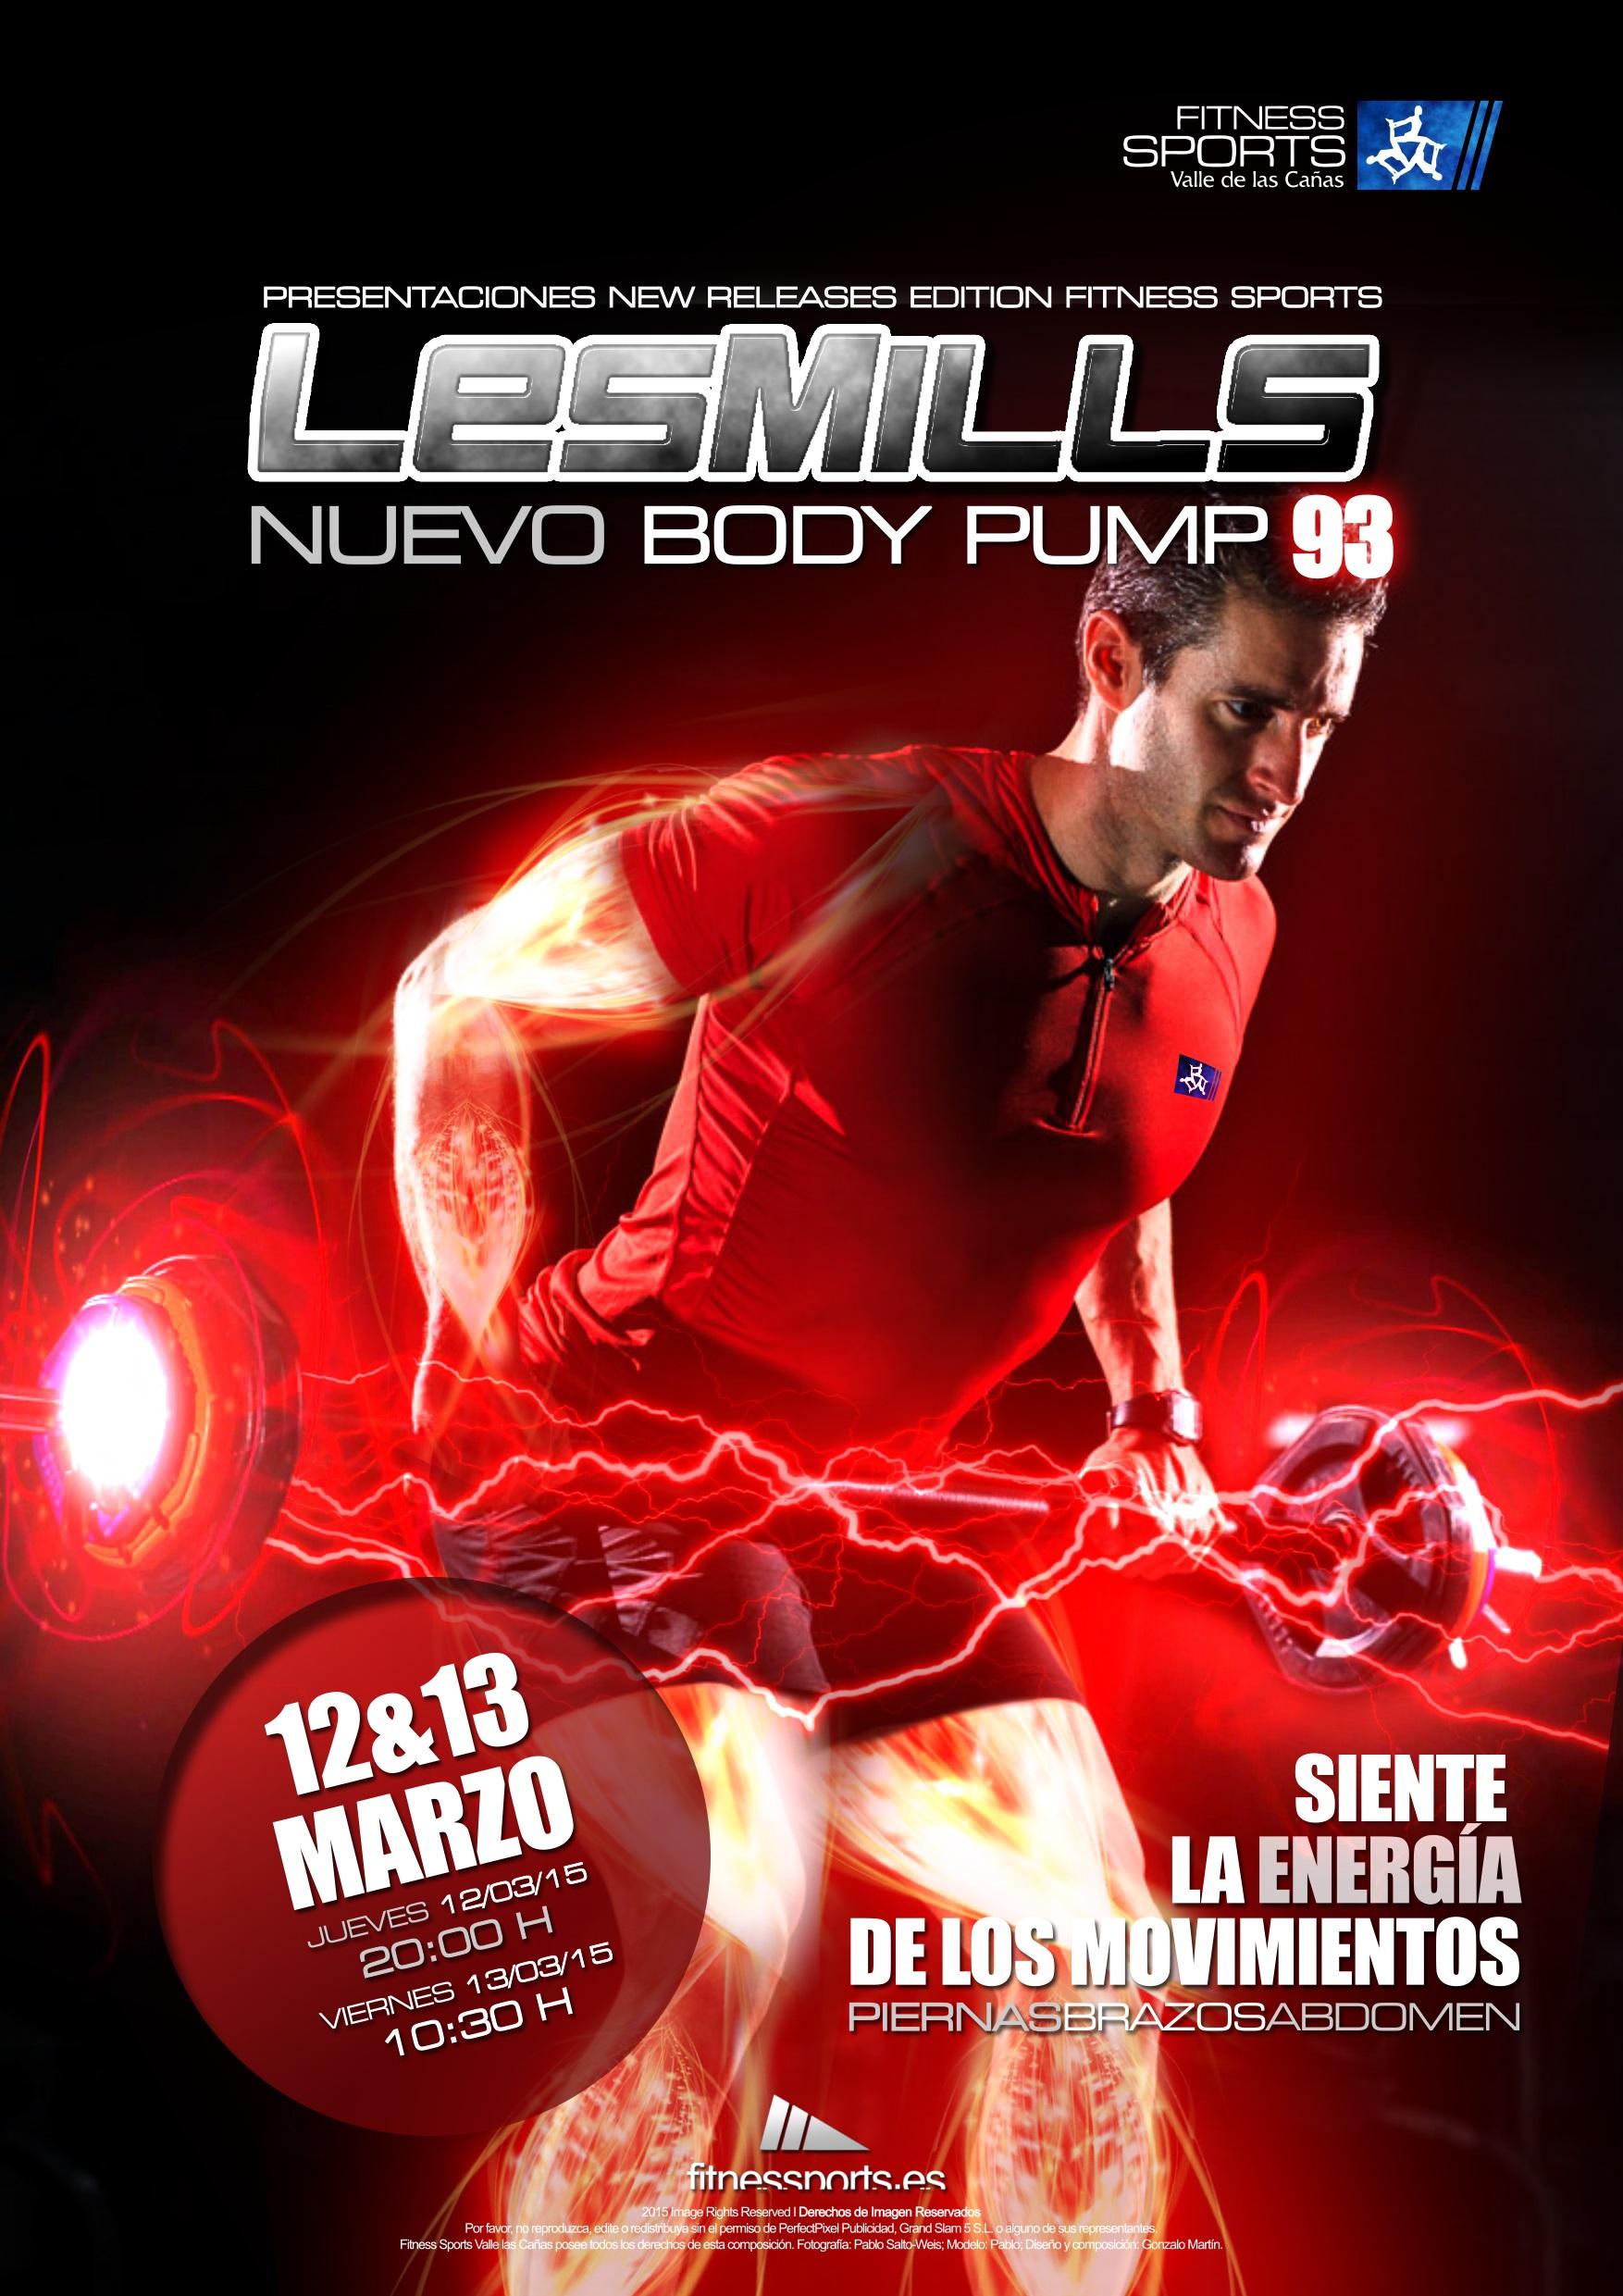 https://www.perfectpixel.es/wp-content/uploads/2015/03/Body-Pump-93-New-Release-Fitness-Sports-Valle-las-Ca%C3%B1as-by-PerfectPixel-Publicidad-Advertisement-Siente-la-energ%C3%ADa-de-los-movimientos-v2.jpg